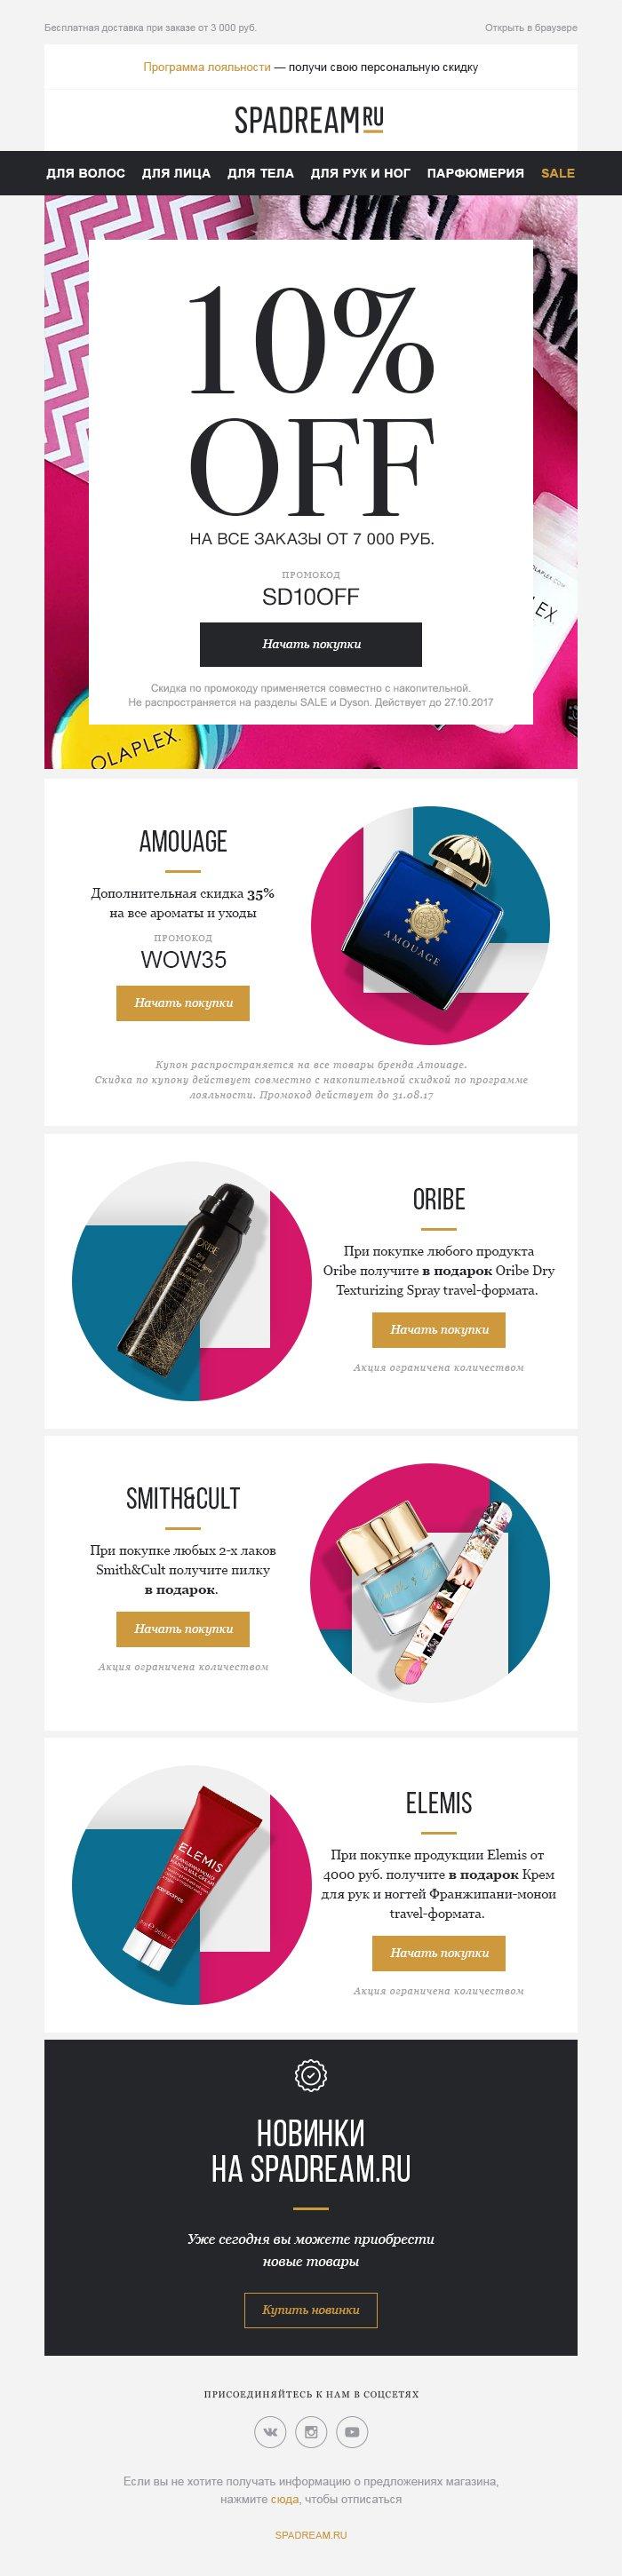 Внедрение email-маркетинга в компании Spadream.ru